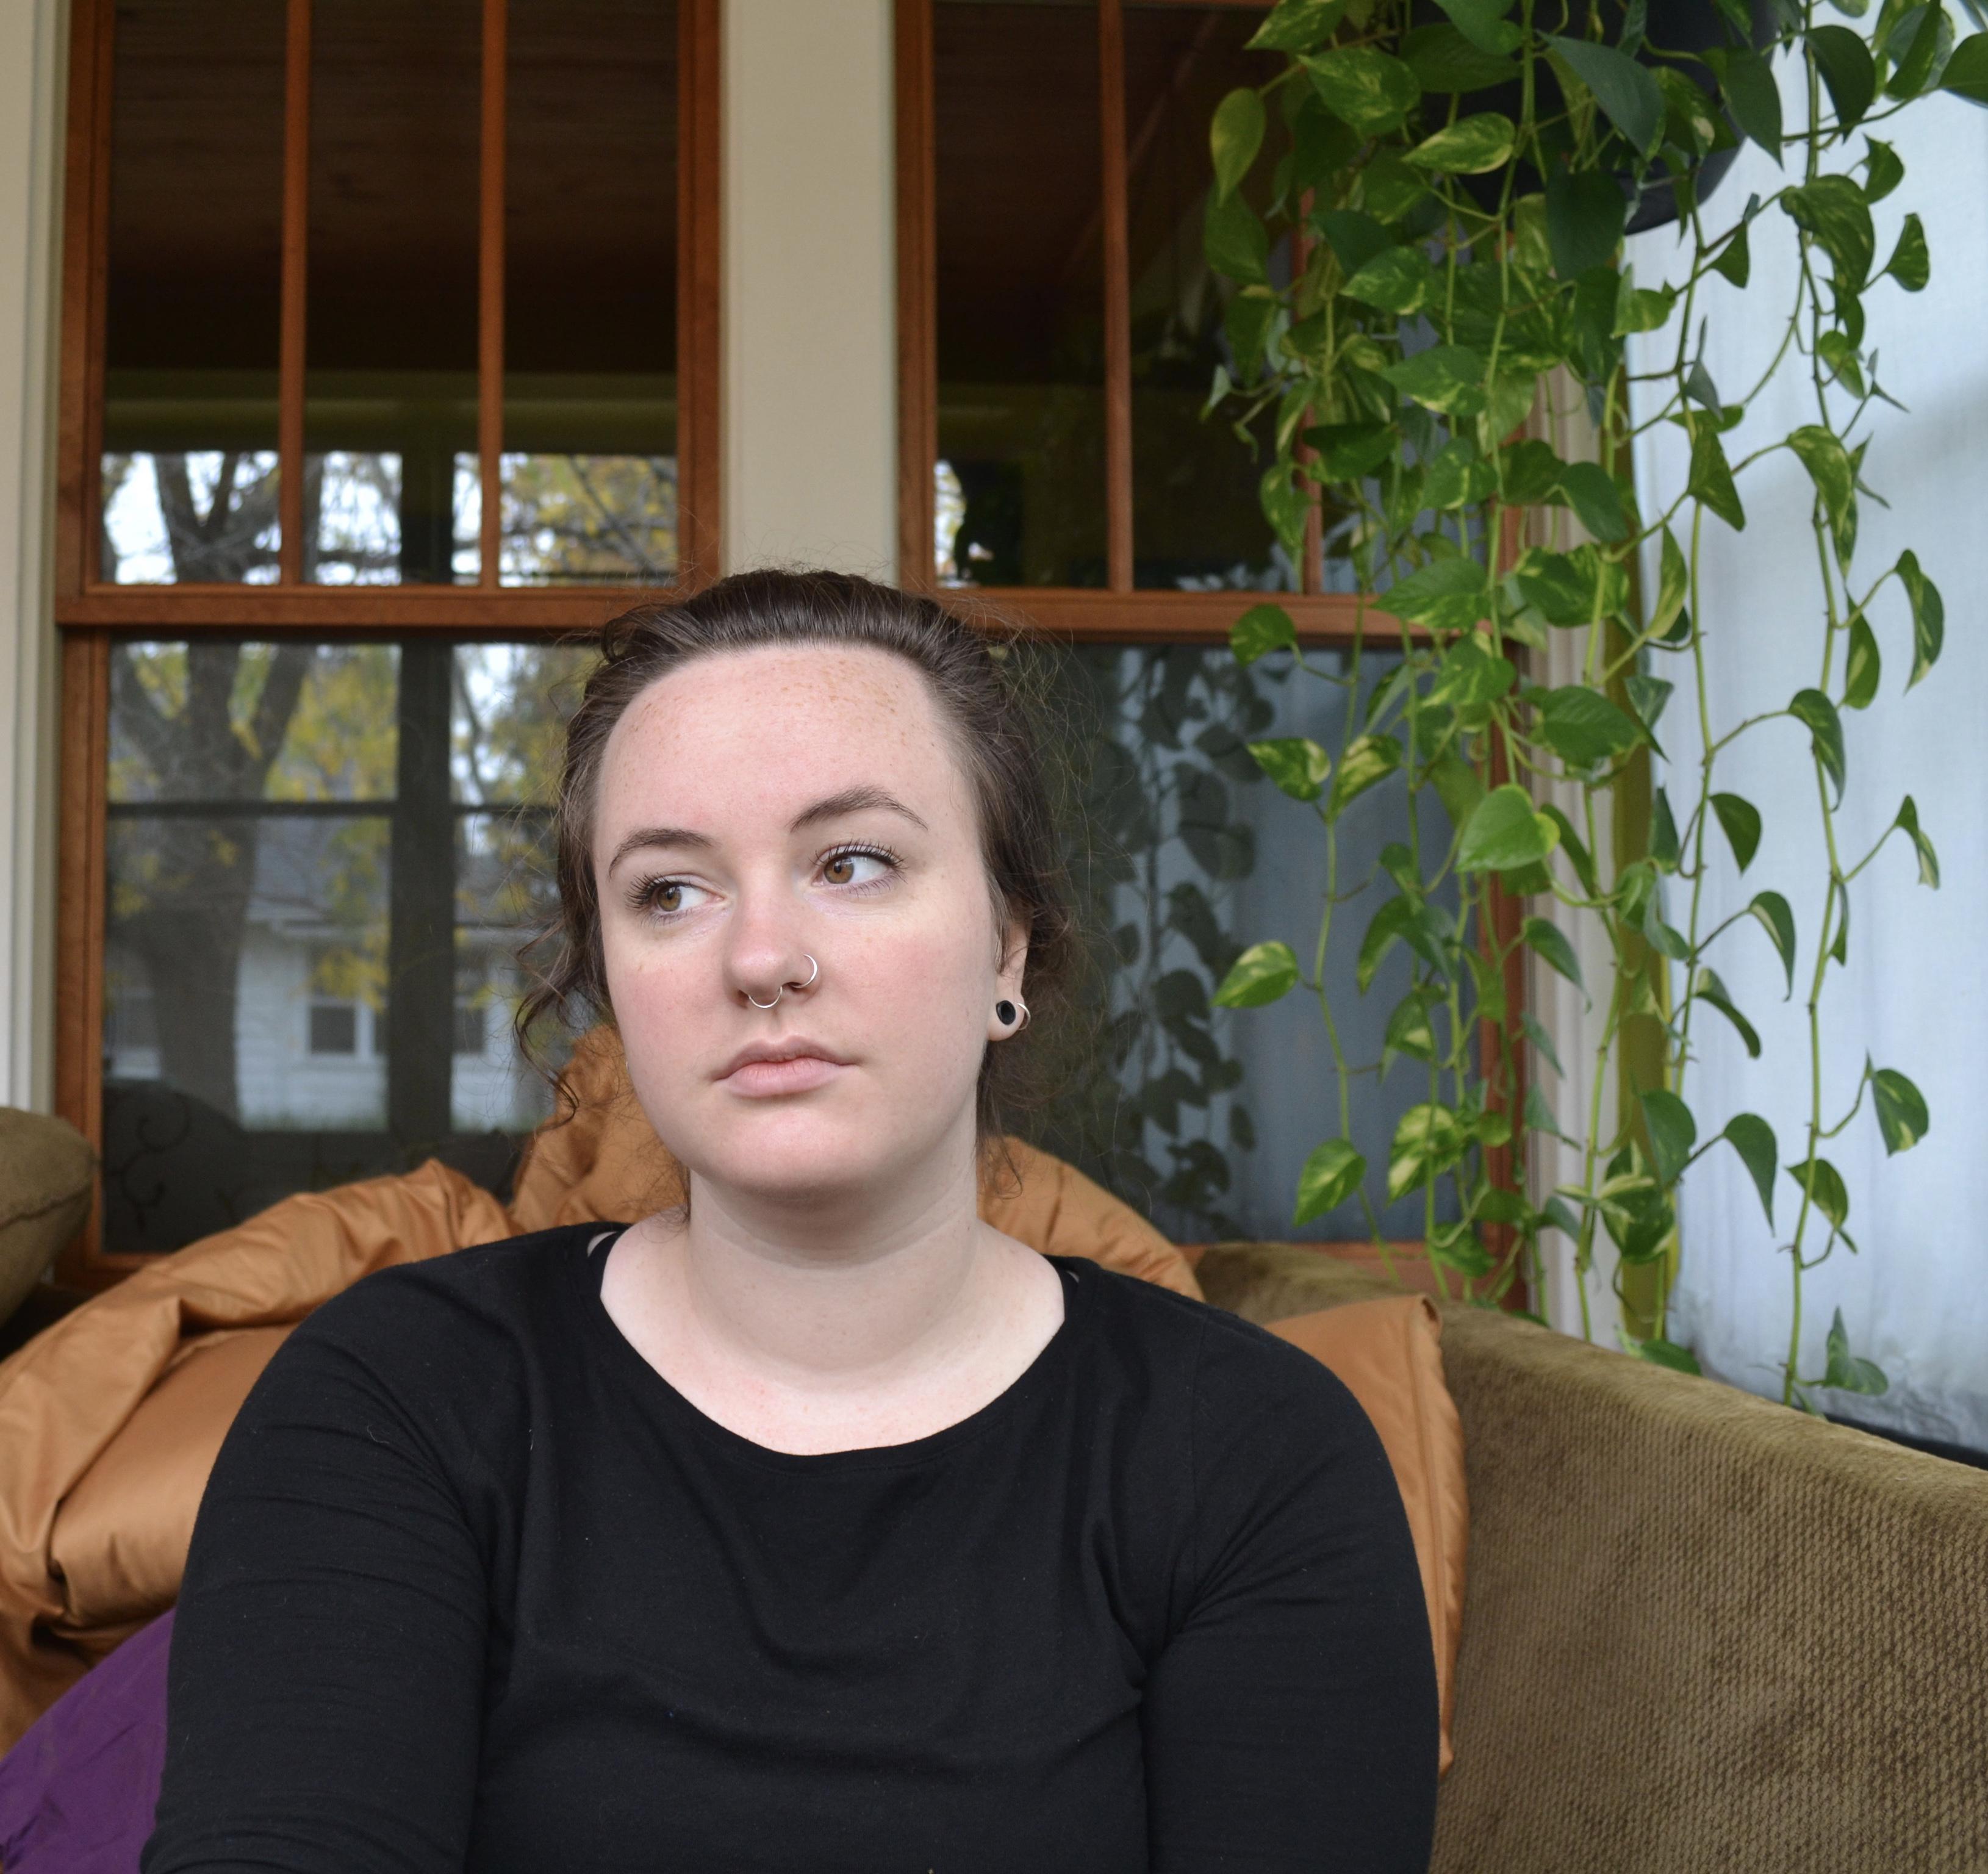 Phoebe Jan-McMahon